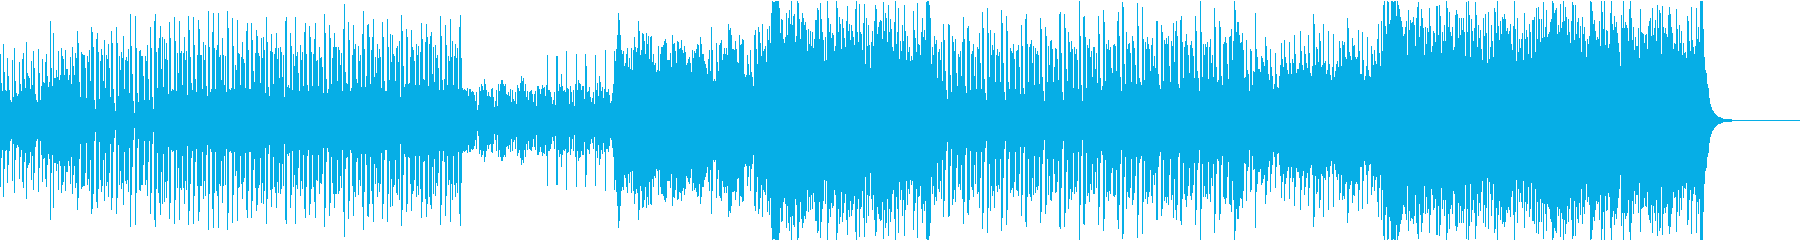 ギターの音色が印象的なトロピカルハウスの再生済みの波形